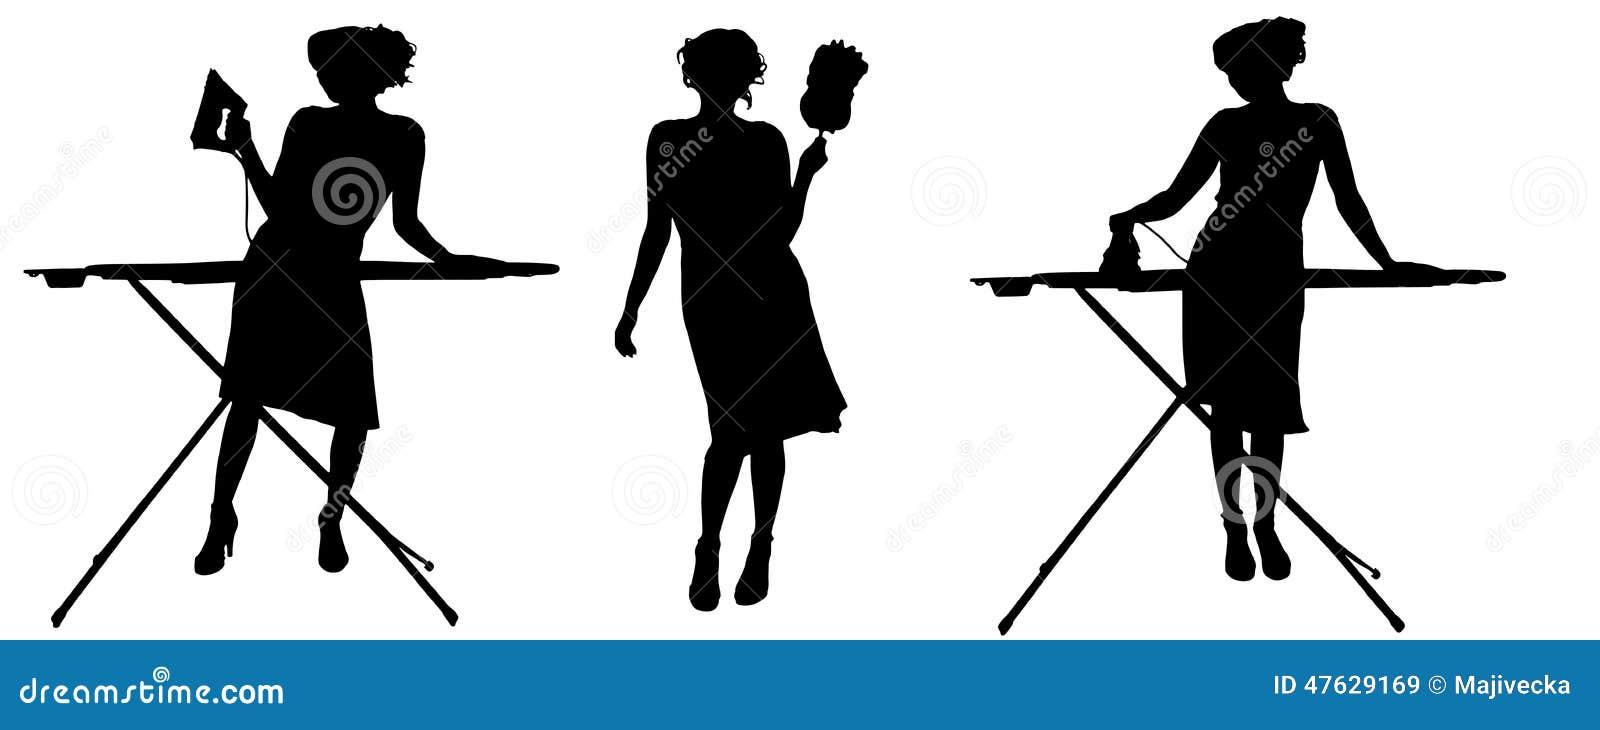 silhouette de vecteur d 39 une femme de m nage illustration de vecteur image 47629169. Black Bedroom Furniture Sets. Home Design Ideas